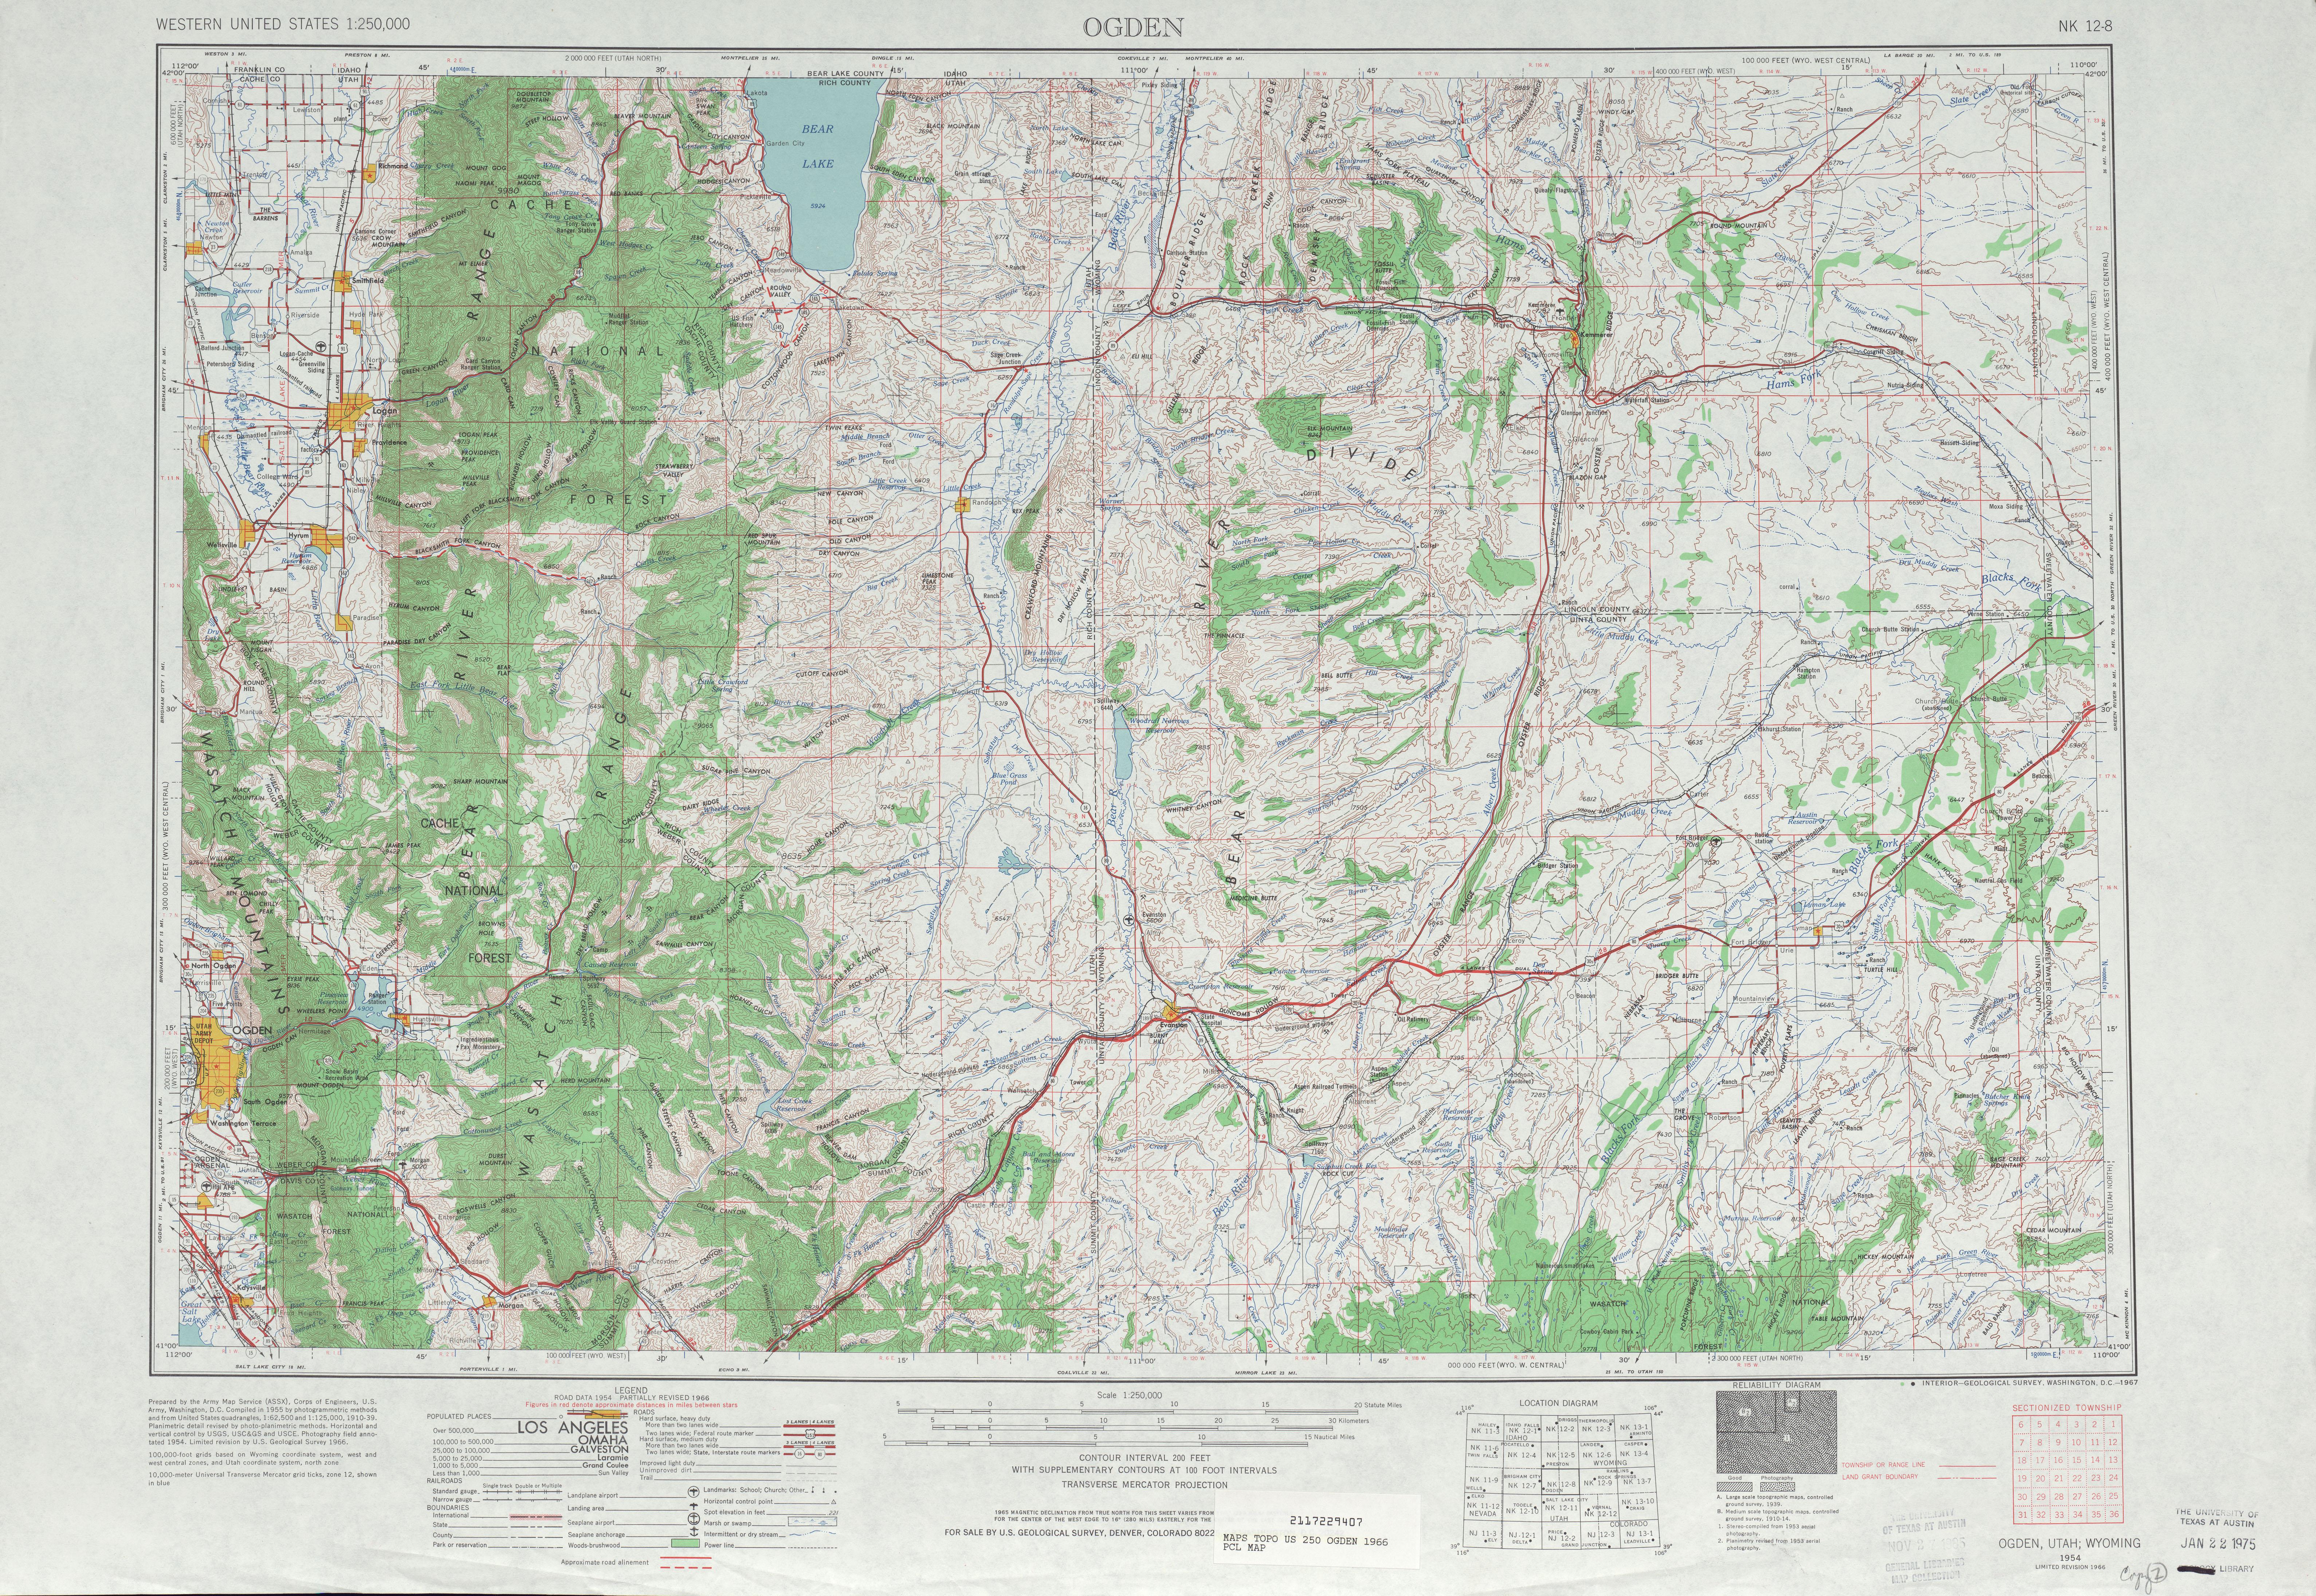 Hoja Ogden del Mapa Topográfico de los Estados Unidos 1966